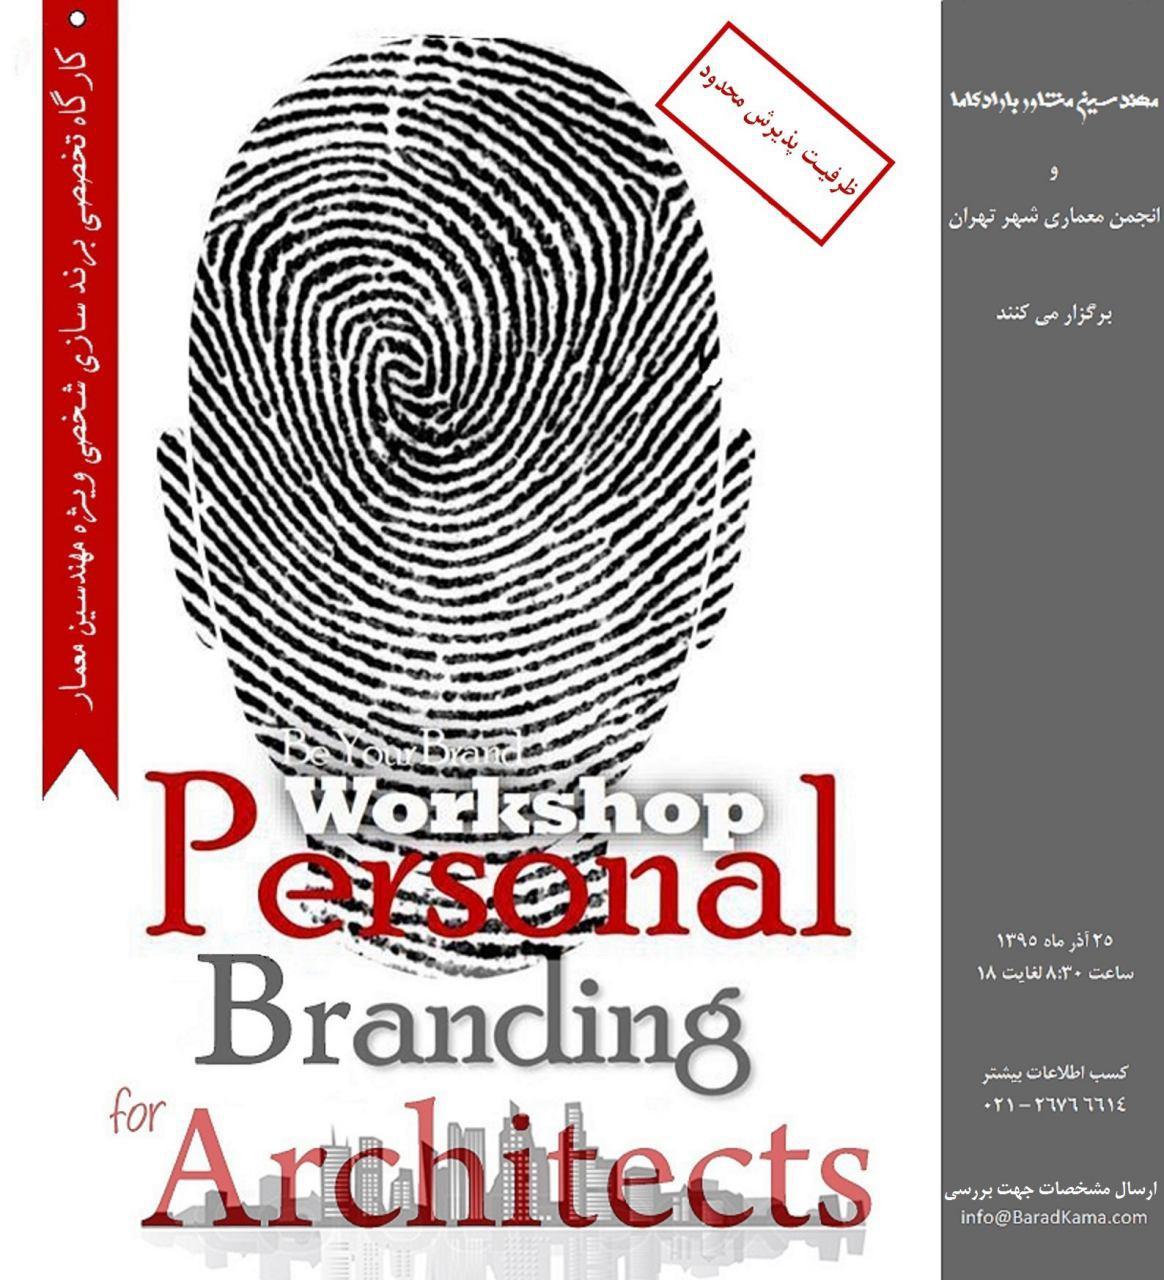 کارگاه برند سازی شخصی برای مهندسین معمار